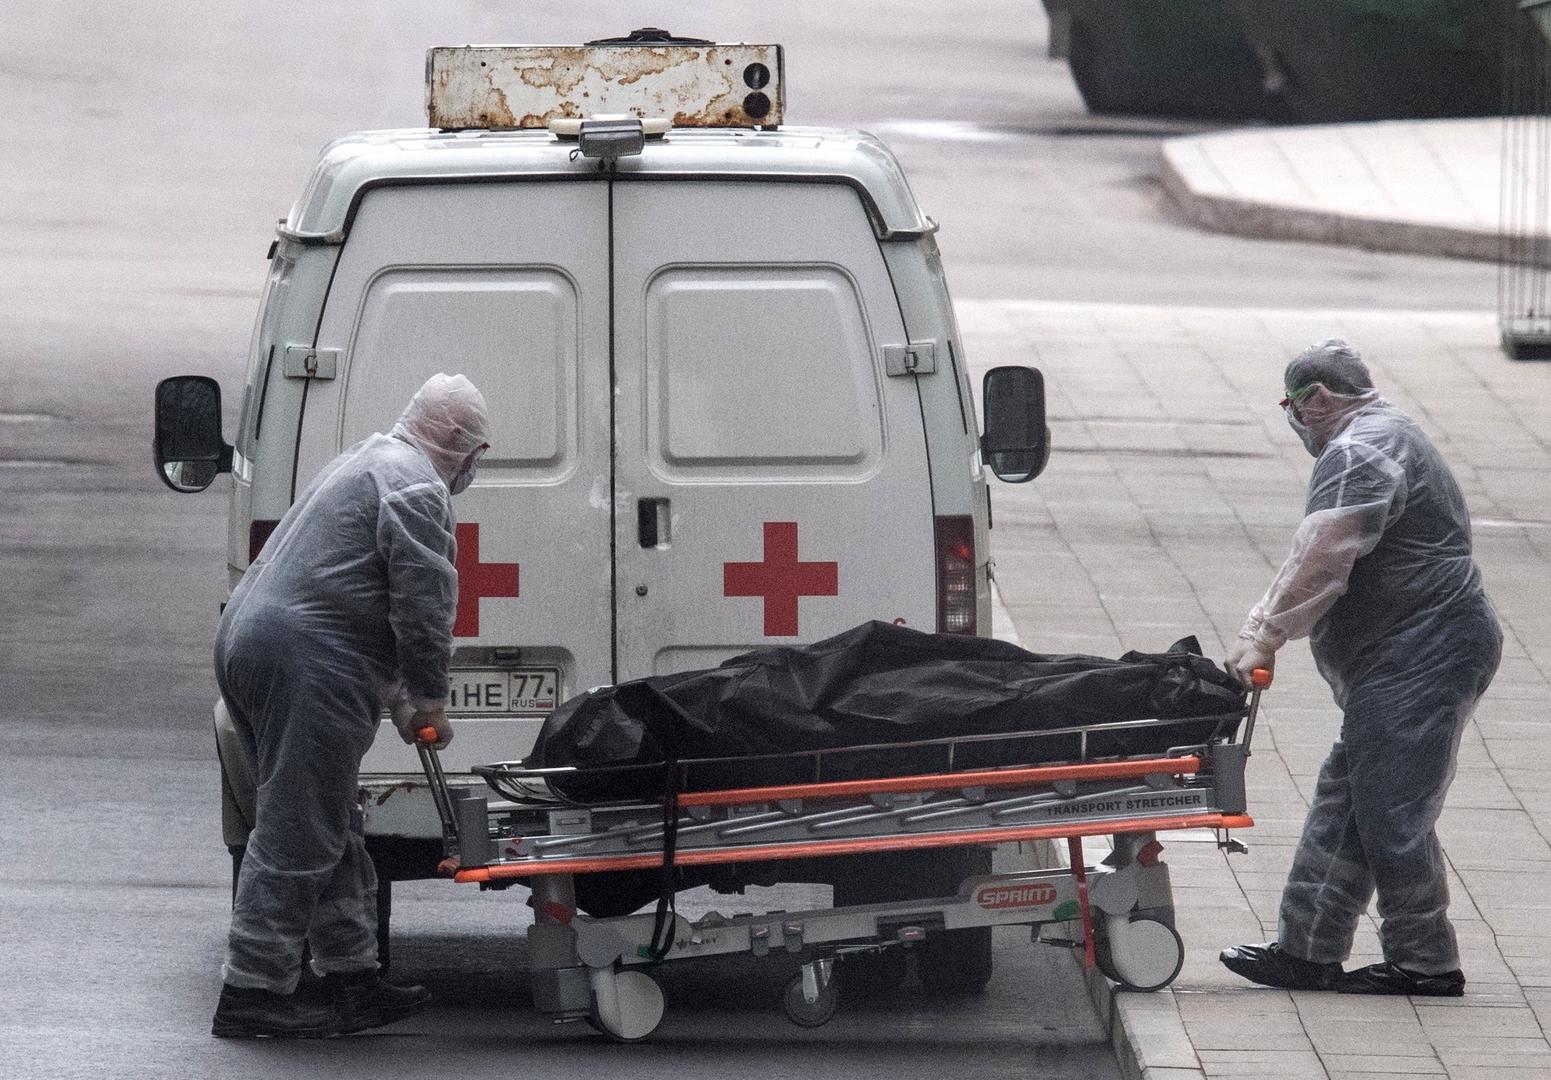 Gesundheitssystem kaputtgespart: Coronavirus führt in Russland zur Überlastung der Krankenhäuser